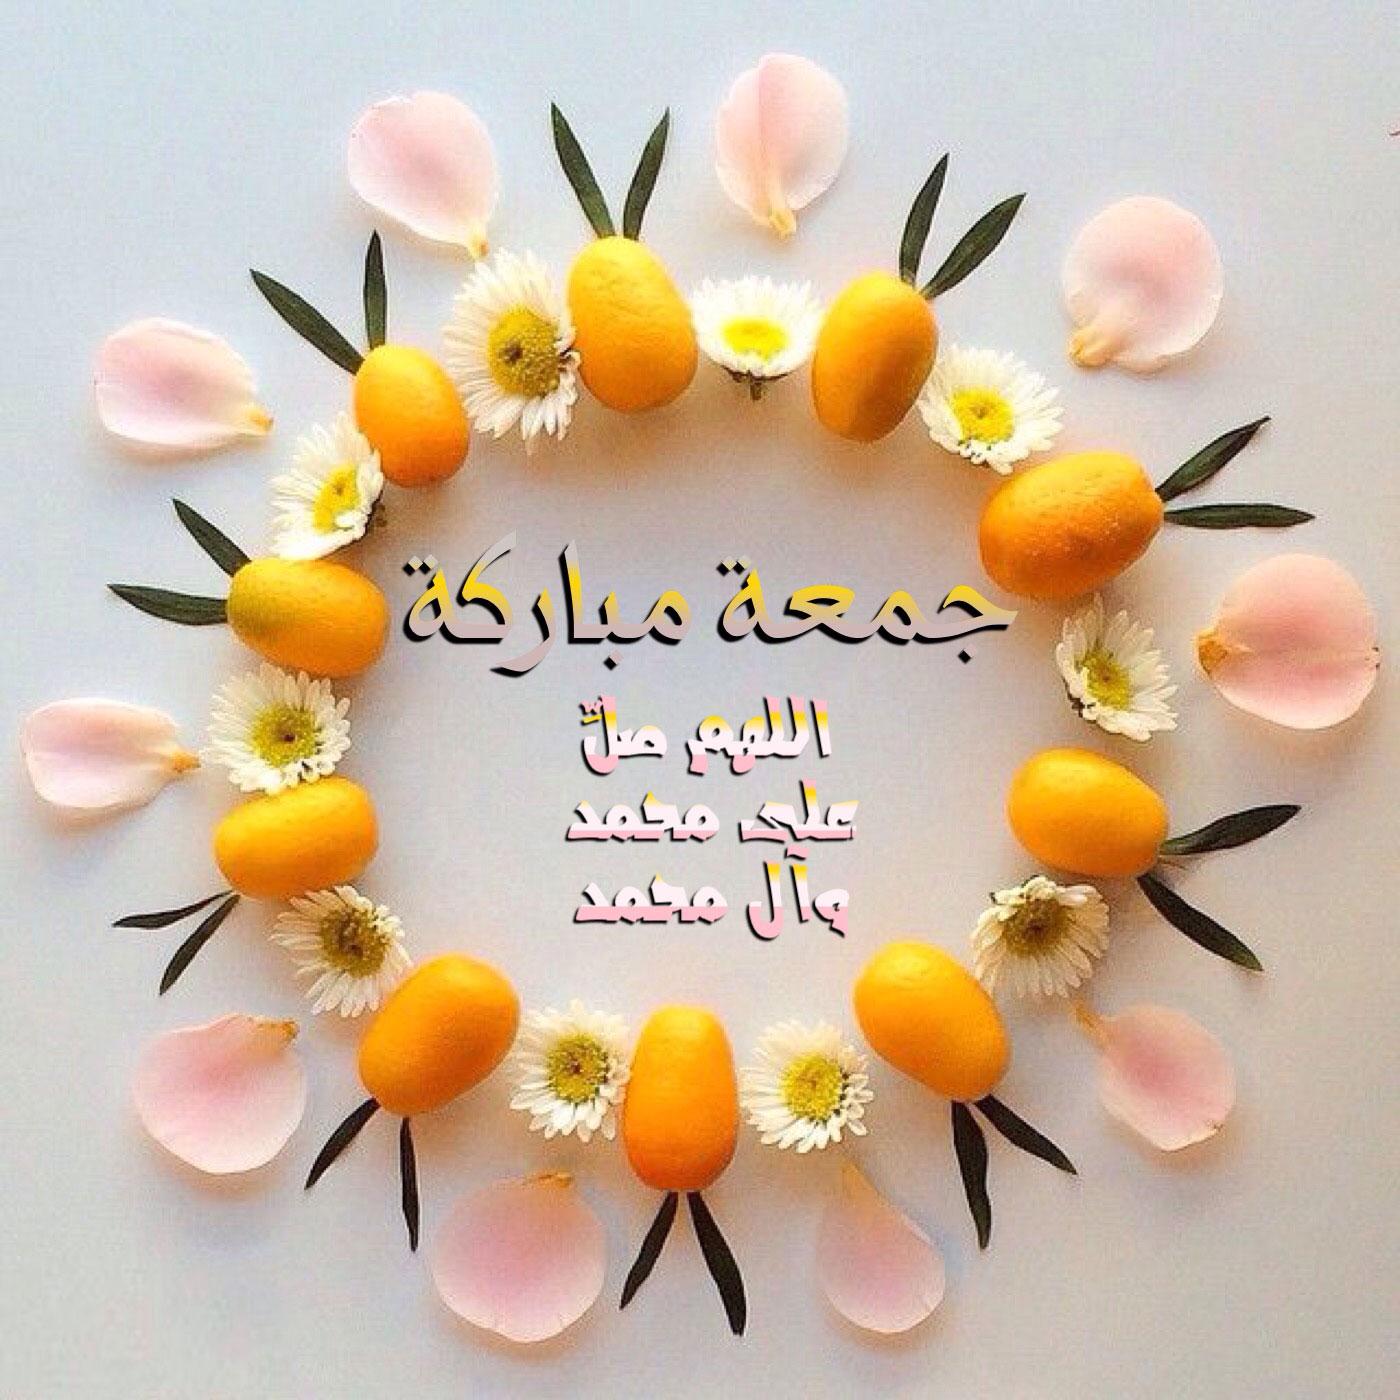 بالصور تهاني الجمعة , كلمات مؤثرة لمباركة يوم الجمعة 3281 3